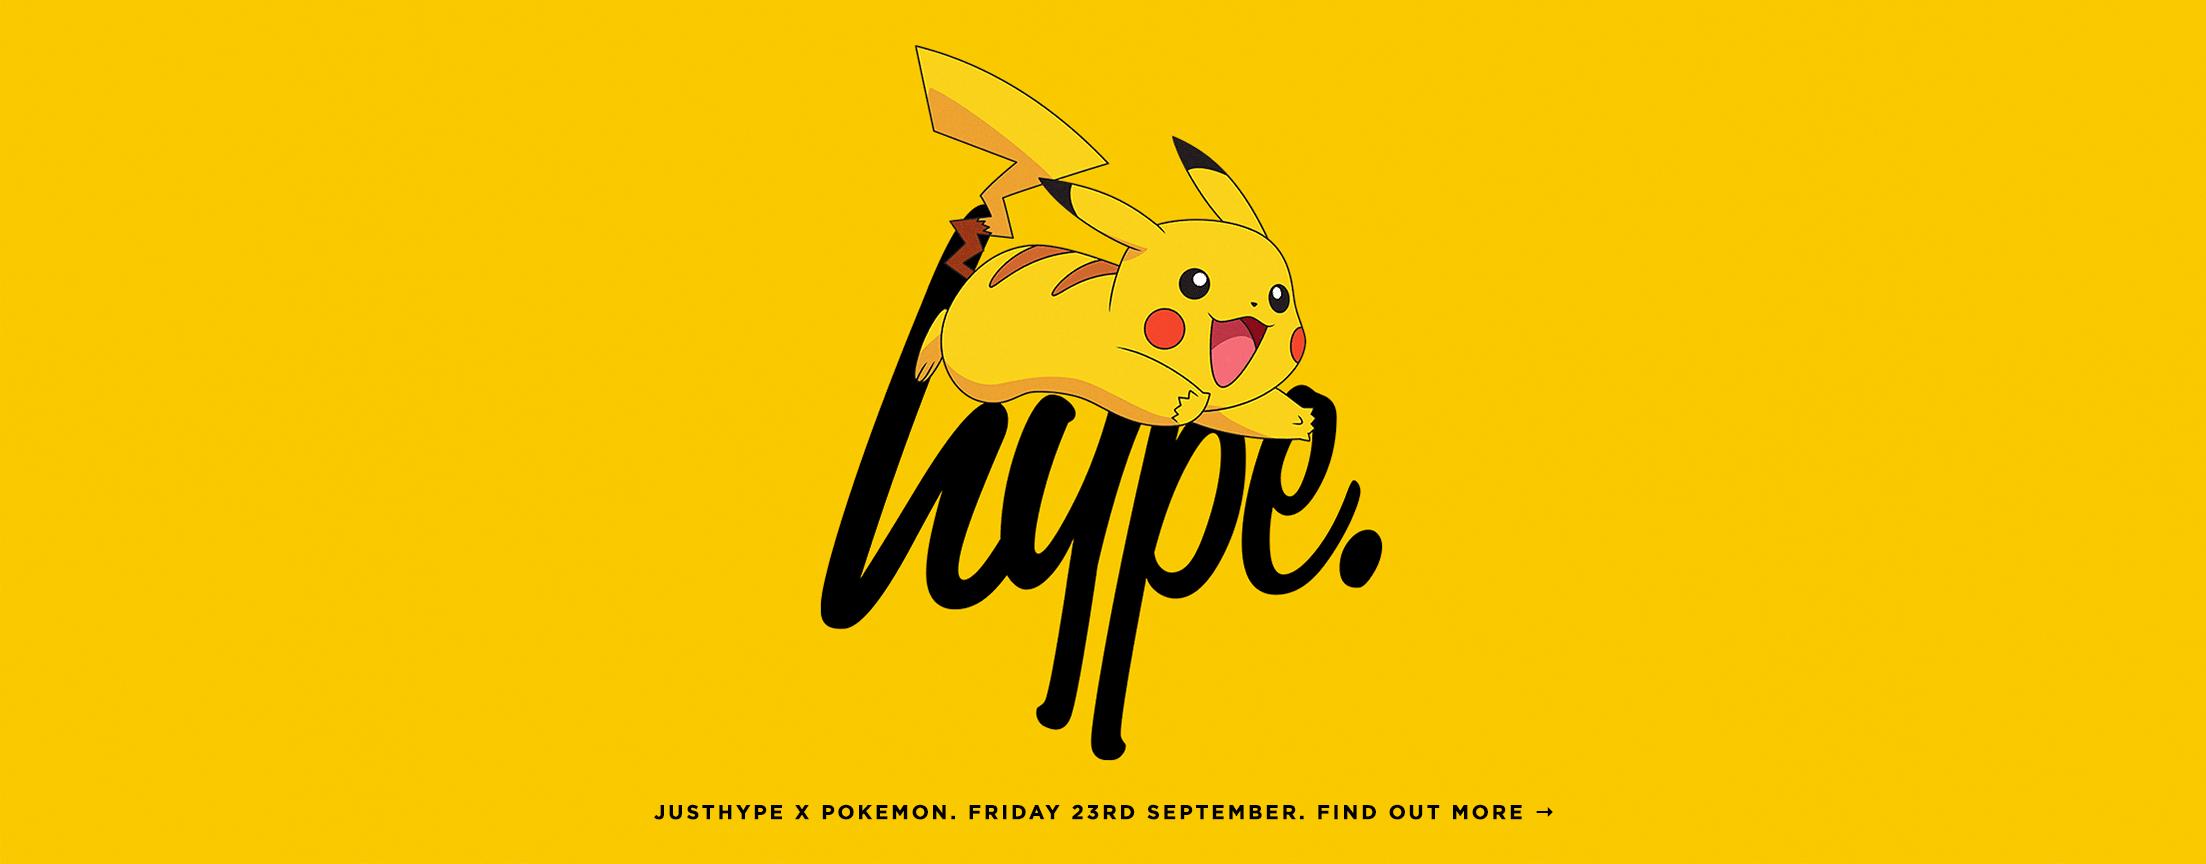 hype-Pokémon